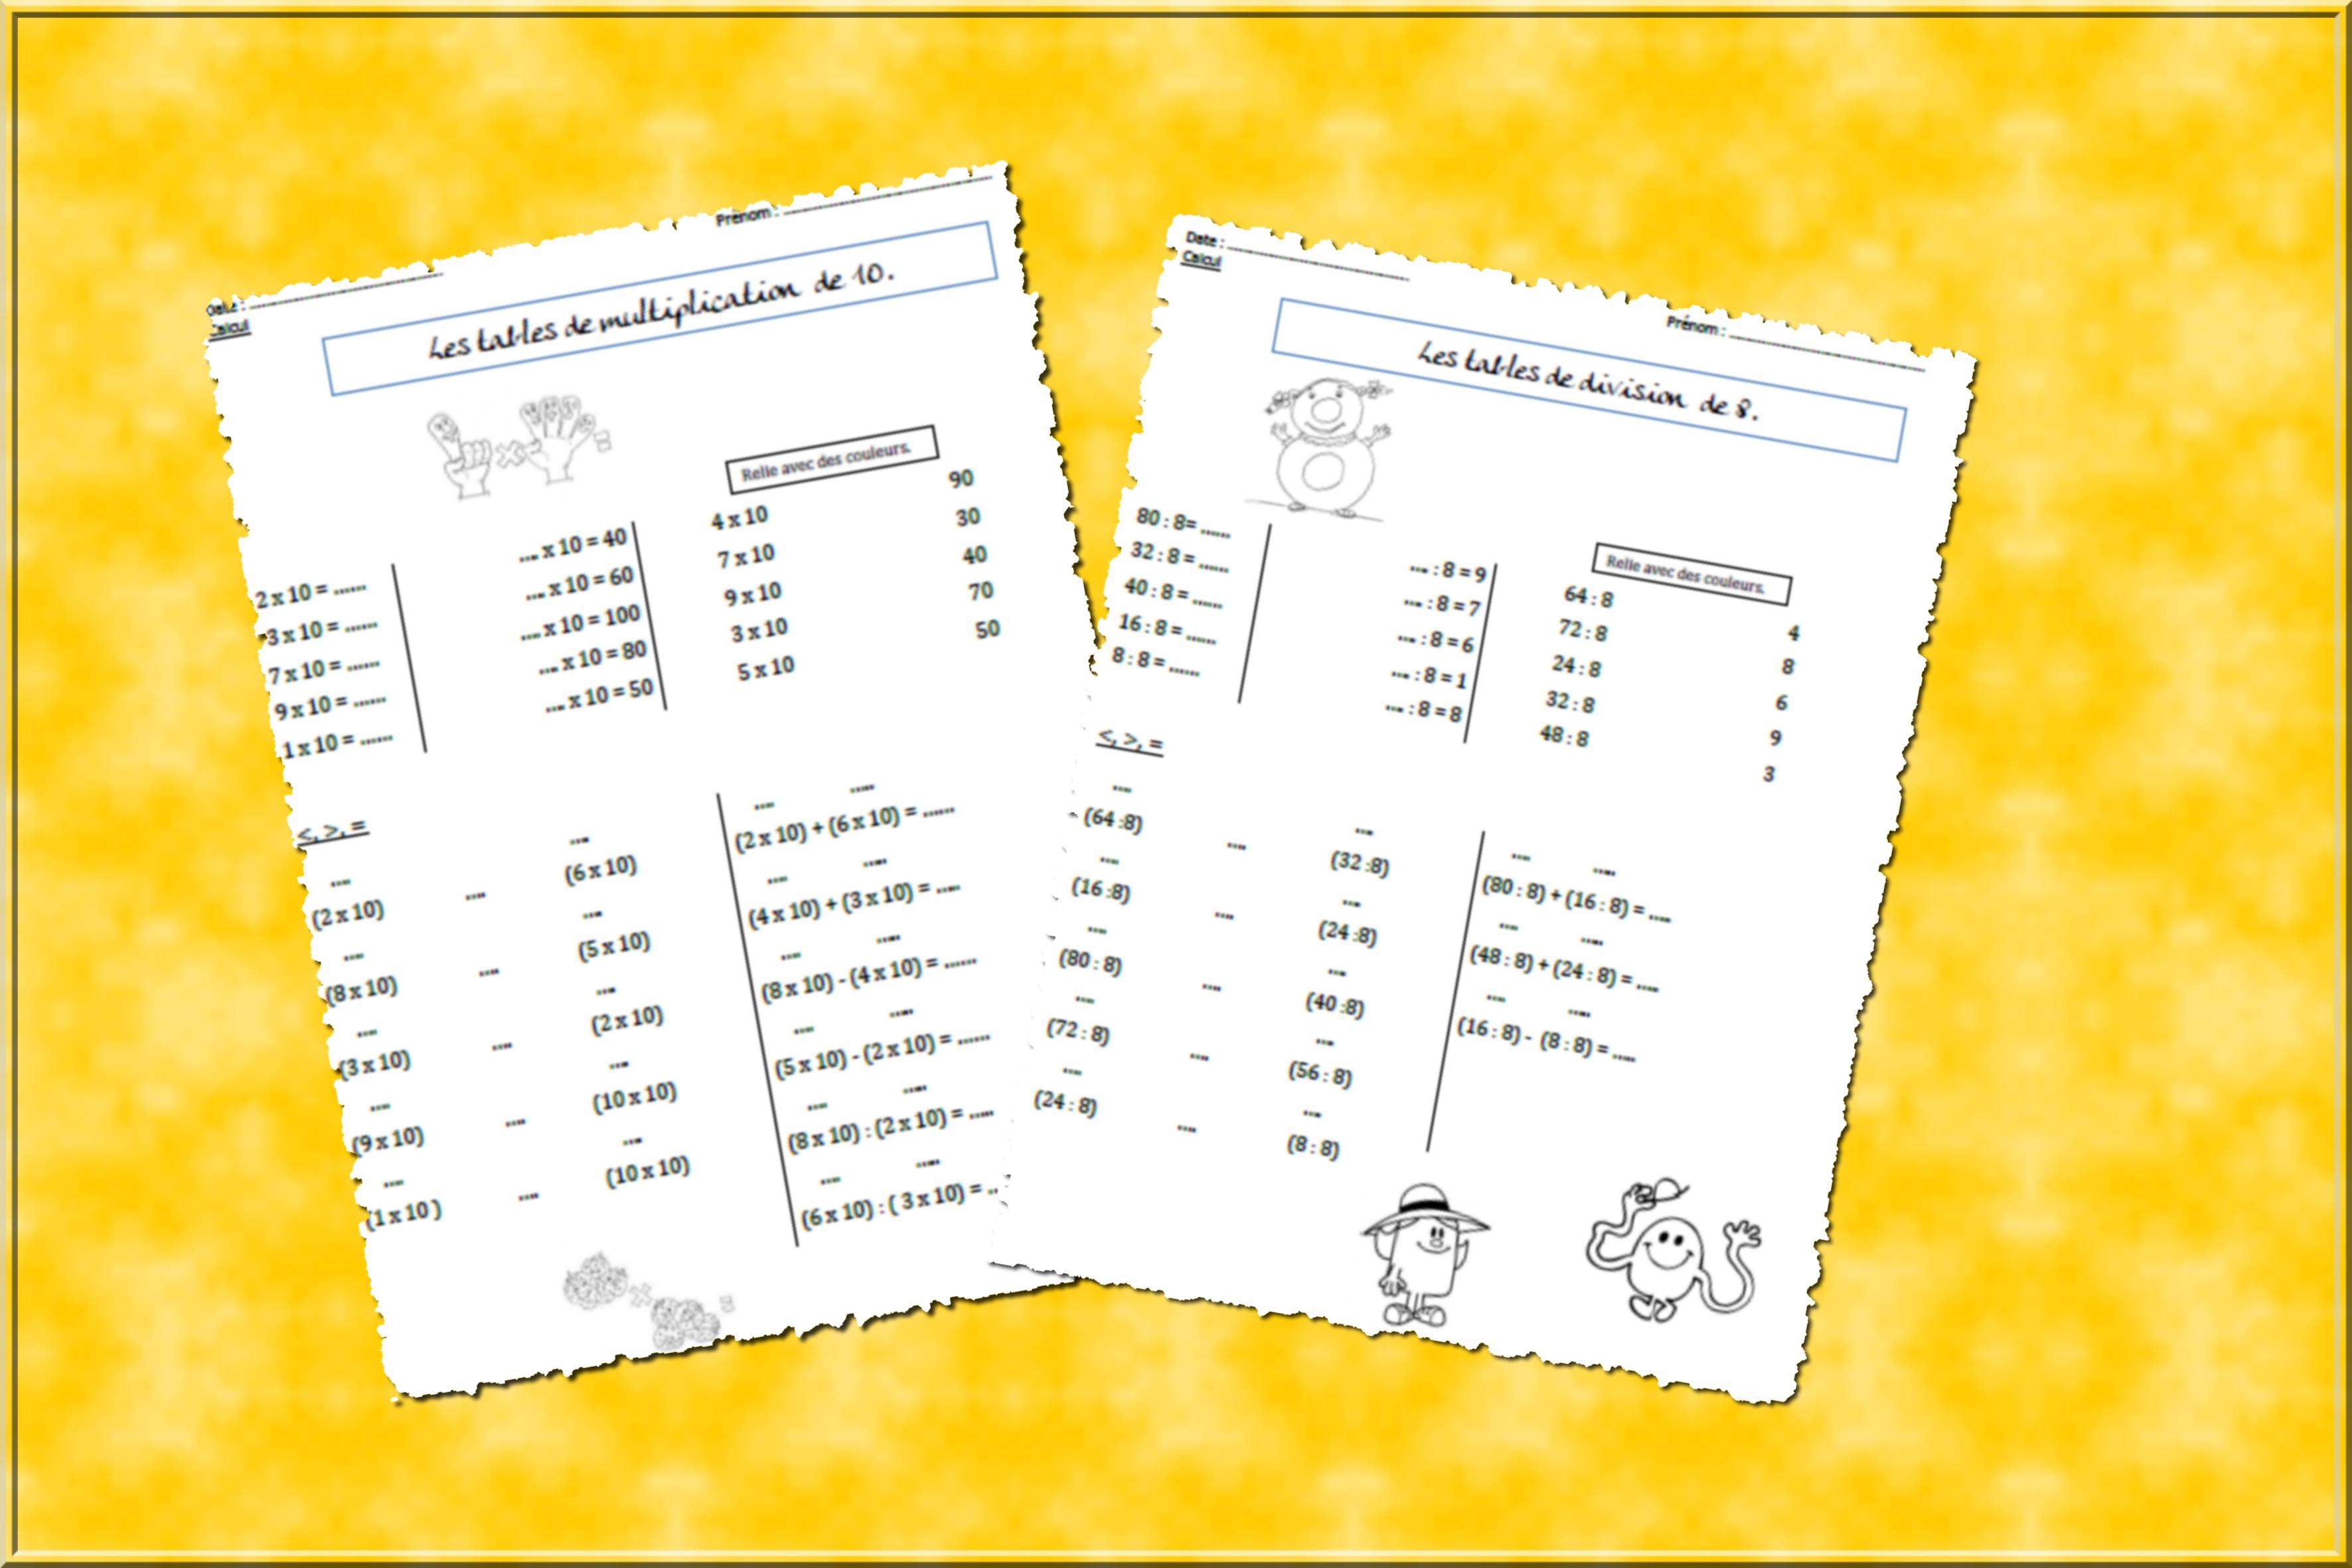 Les Tables De Multiplication Et De Division Coraliecaramel